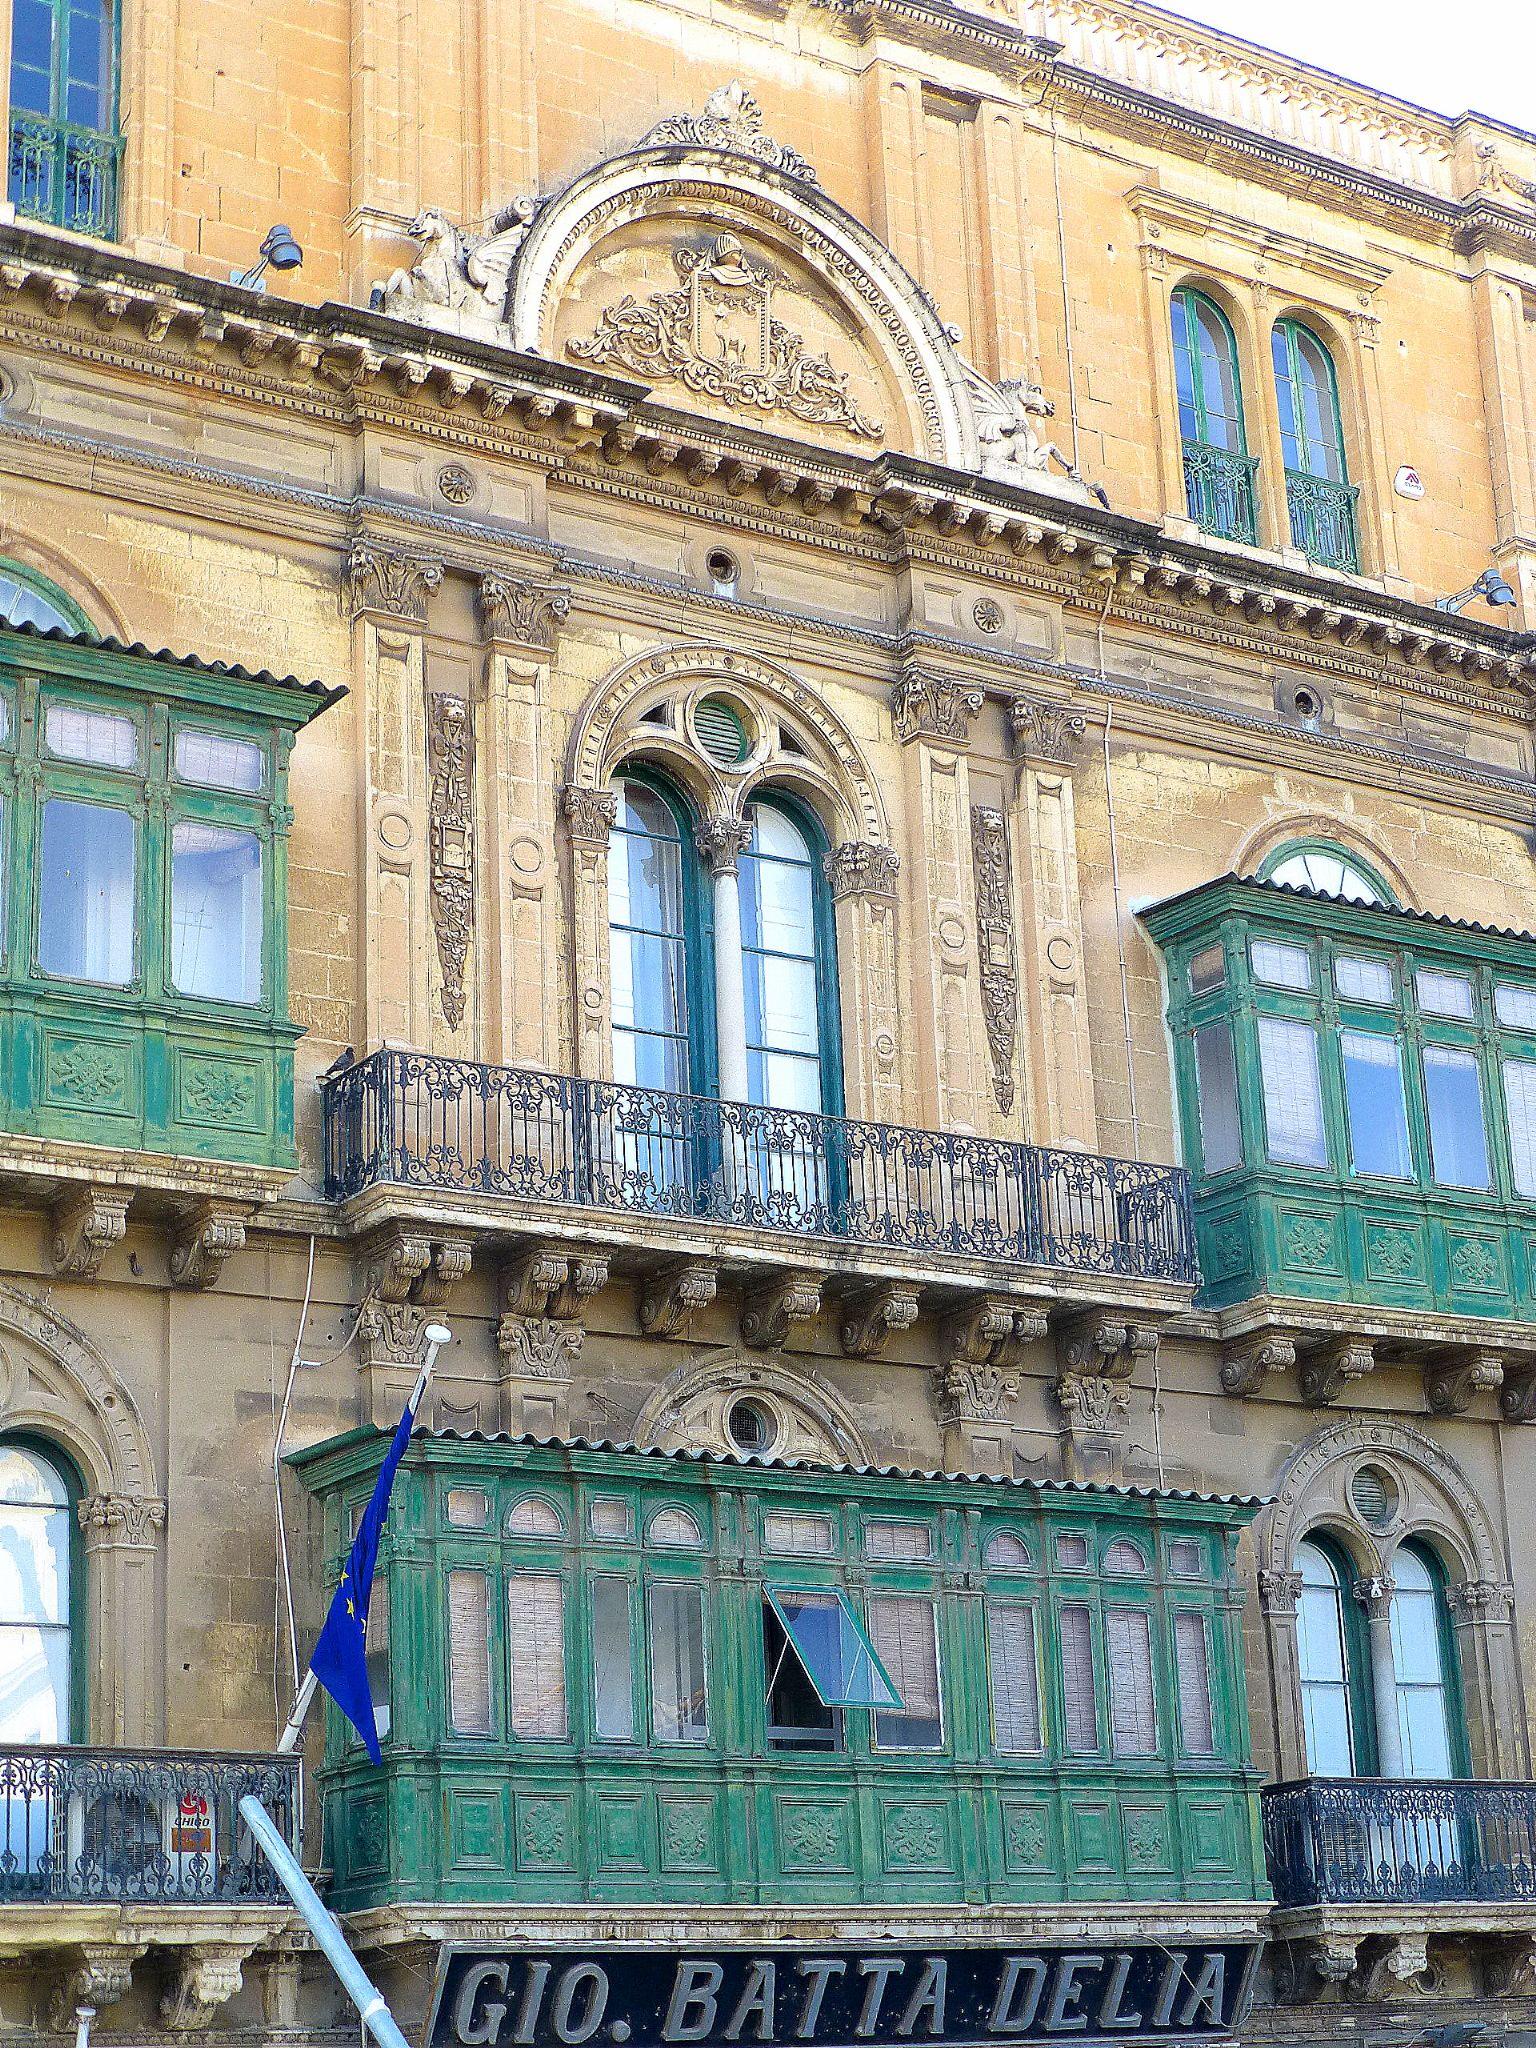 Centro historico de La Valetta , Malta . by marisabelcaferri